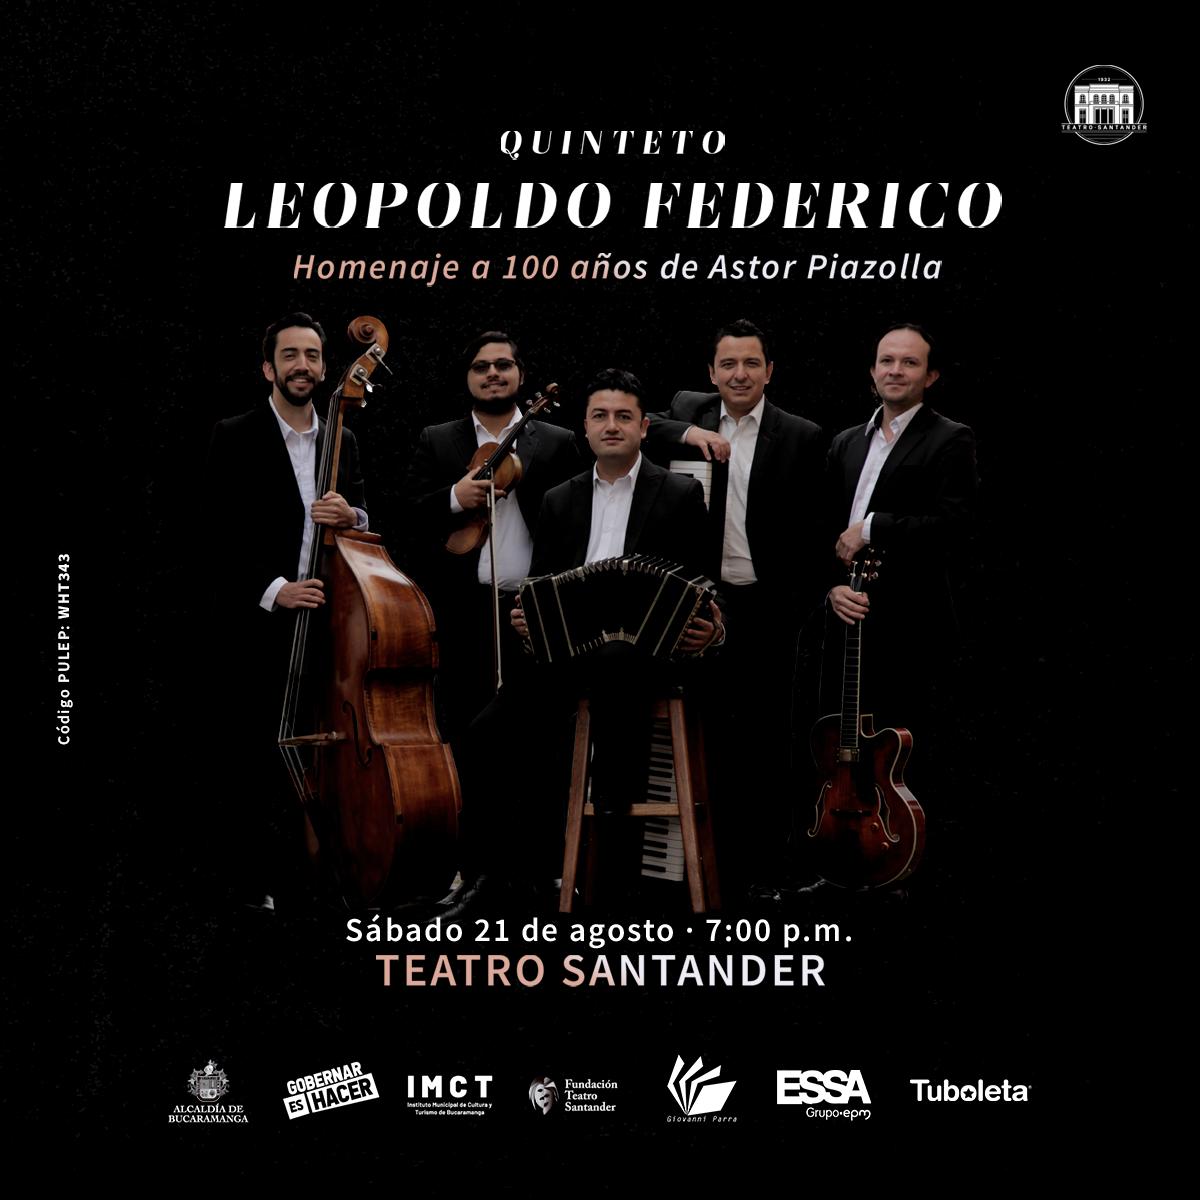 Homenaje Astor Piazzolla, Quinteto Leopoldo Federico